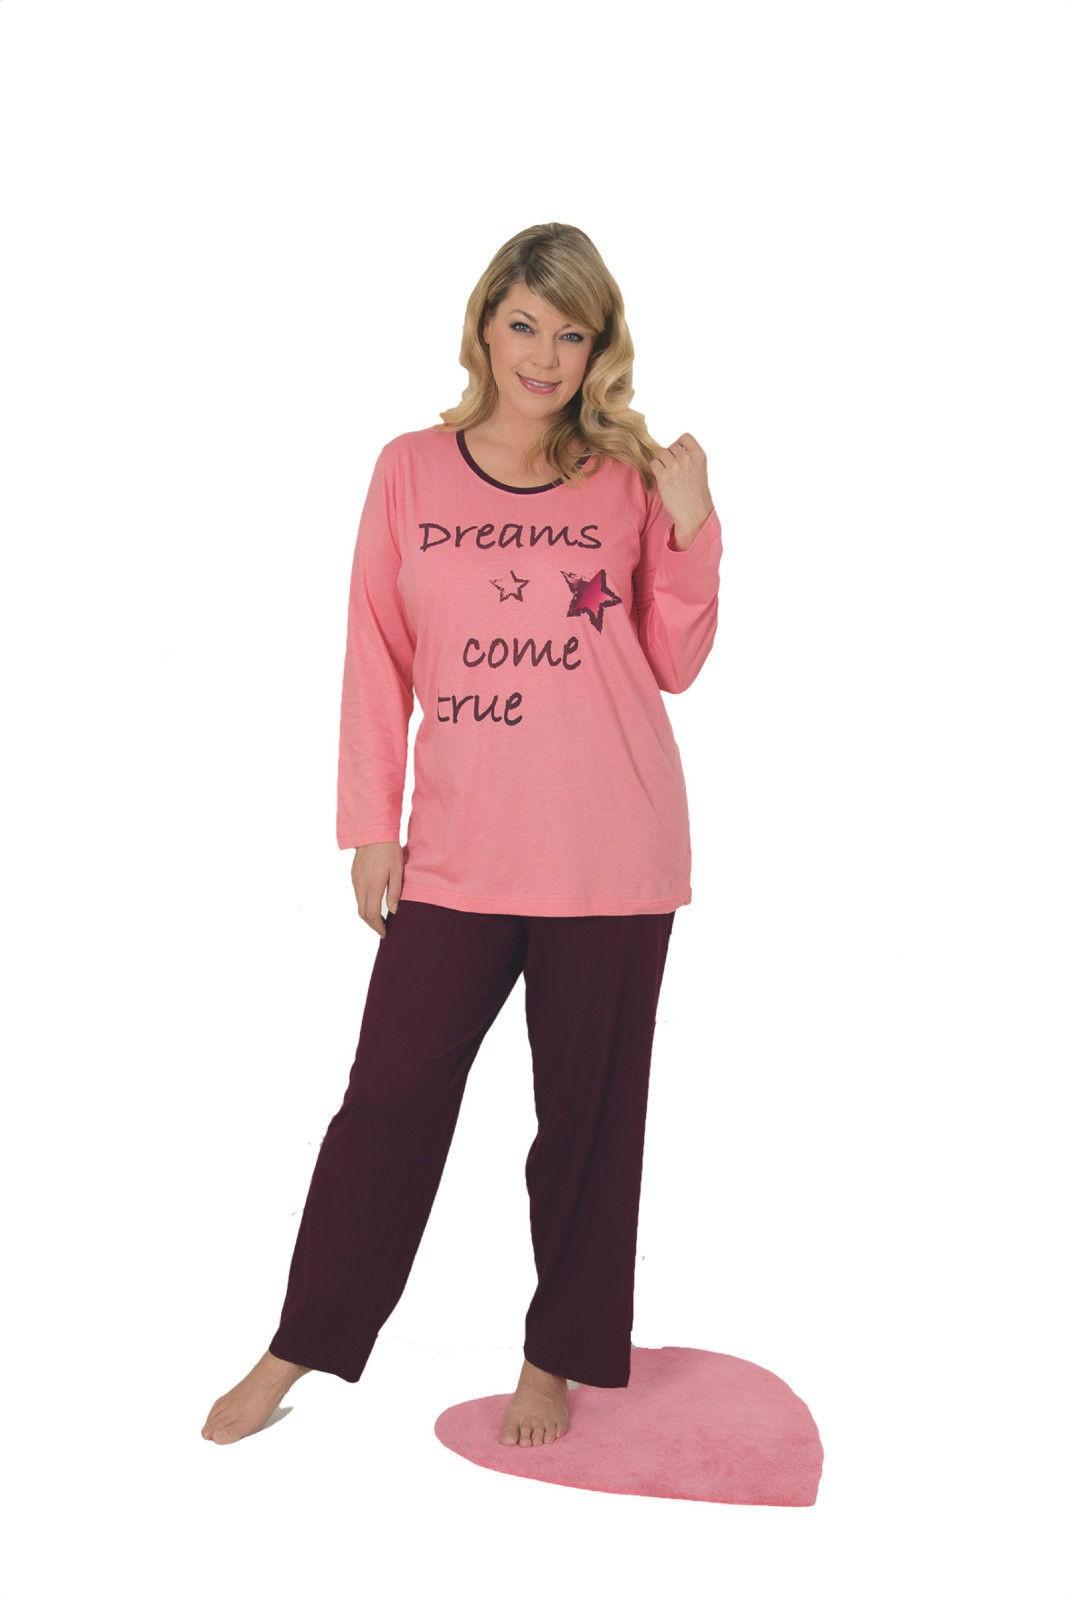 official photos ddfcb 52d59 Langer Schlafanzug für Damen Übergröße - Pyjama in 2 verschiedenen  Farbvarianten